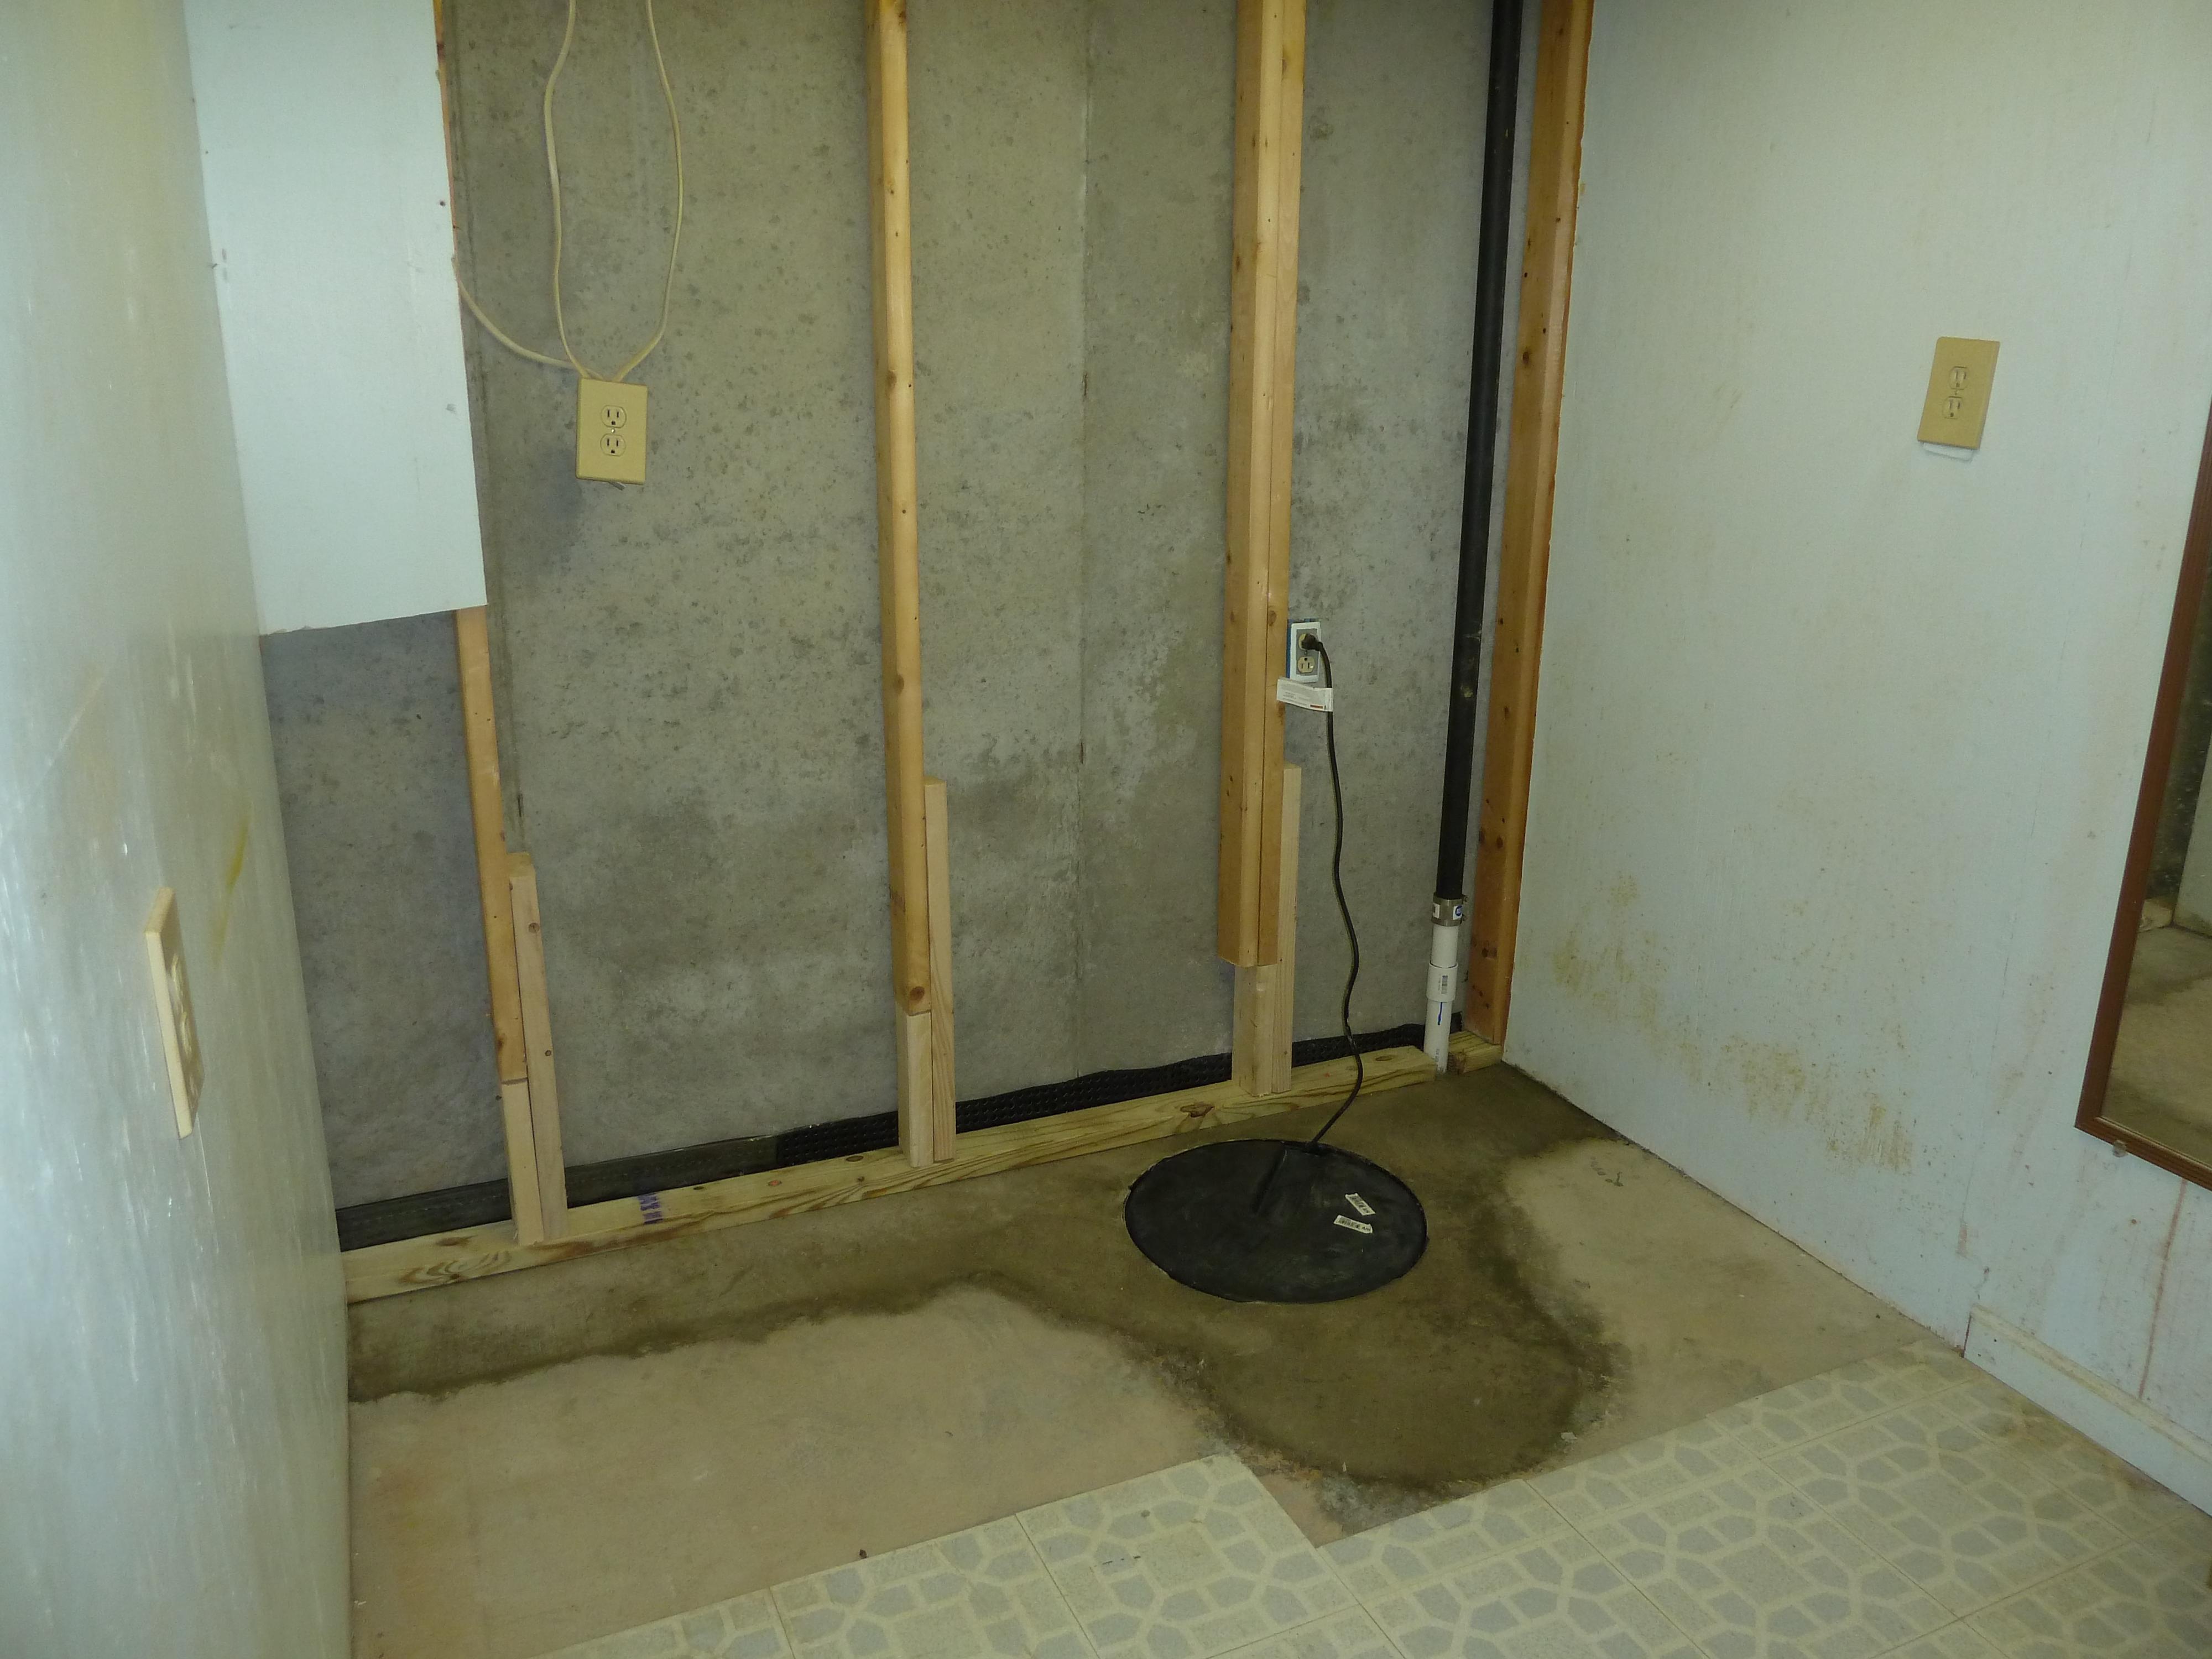 Basement Flooded Water Heater Won'T Light